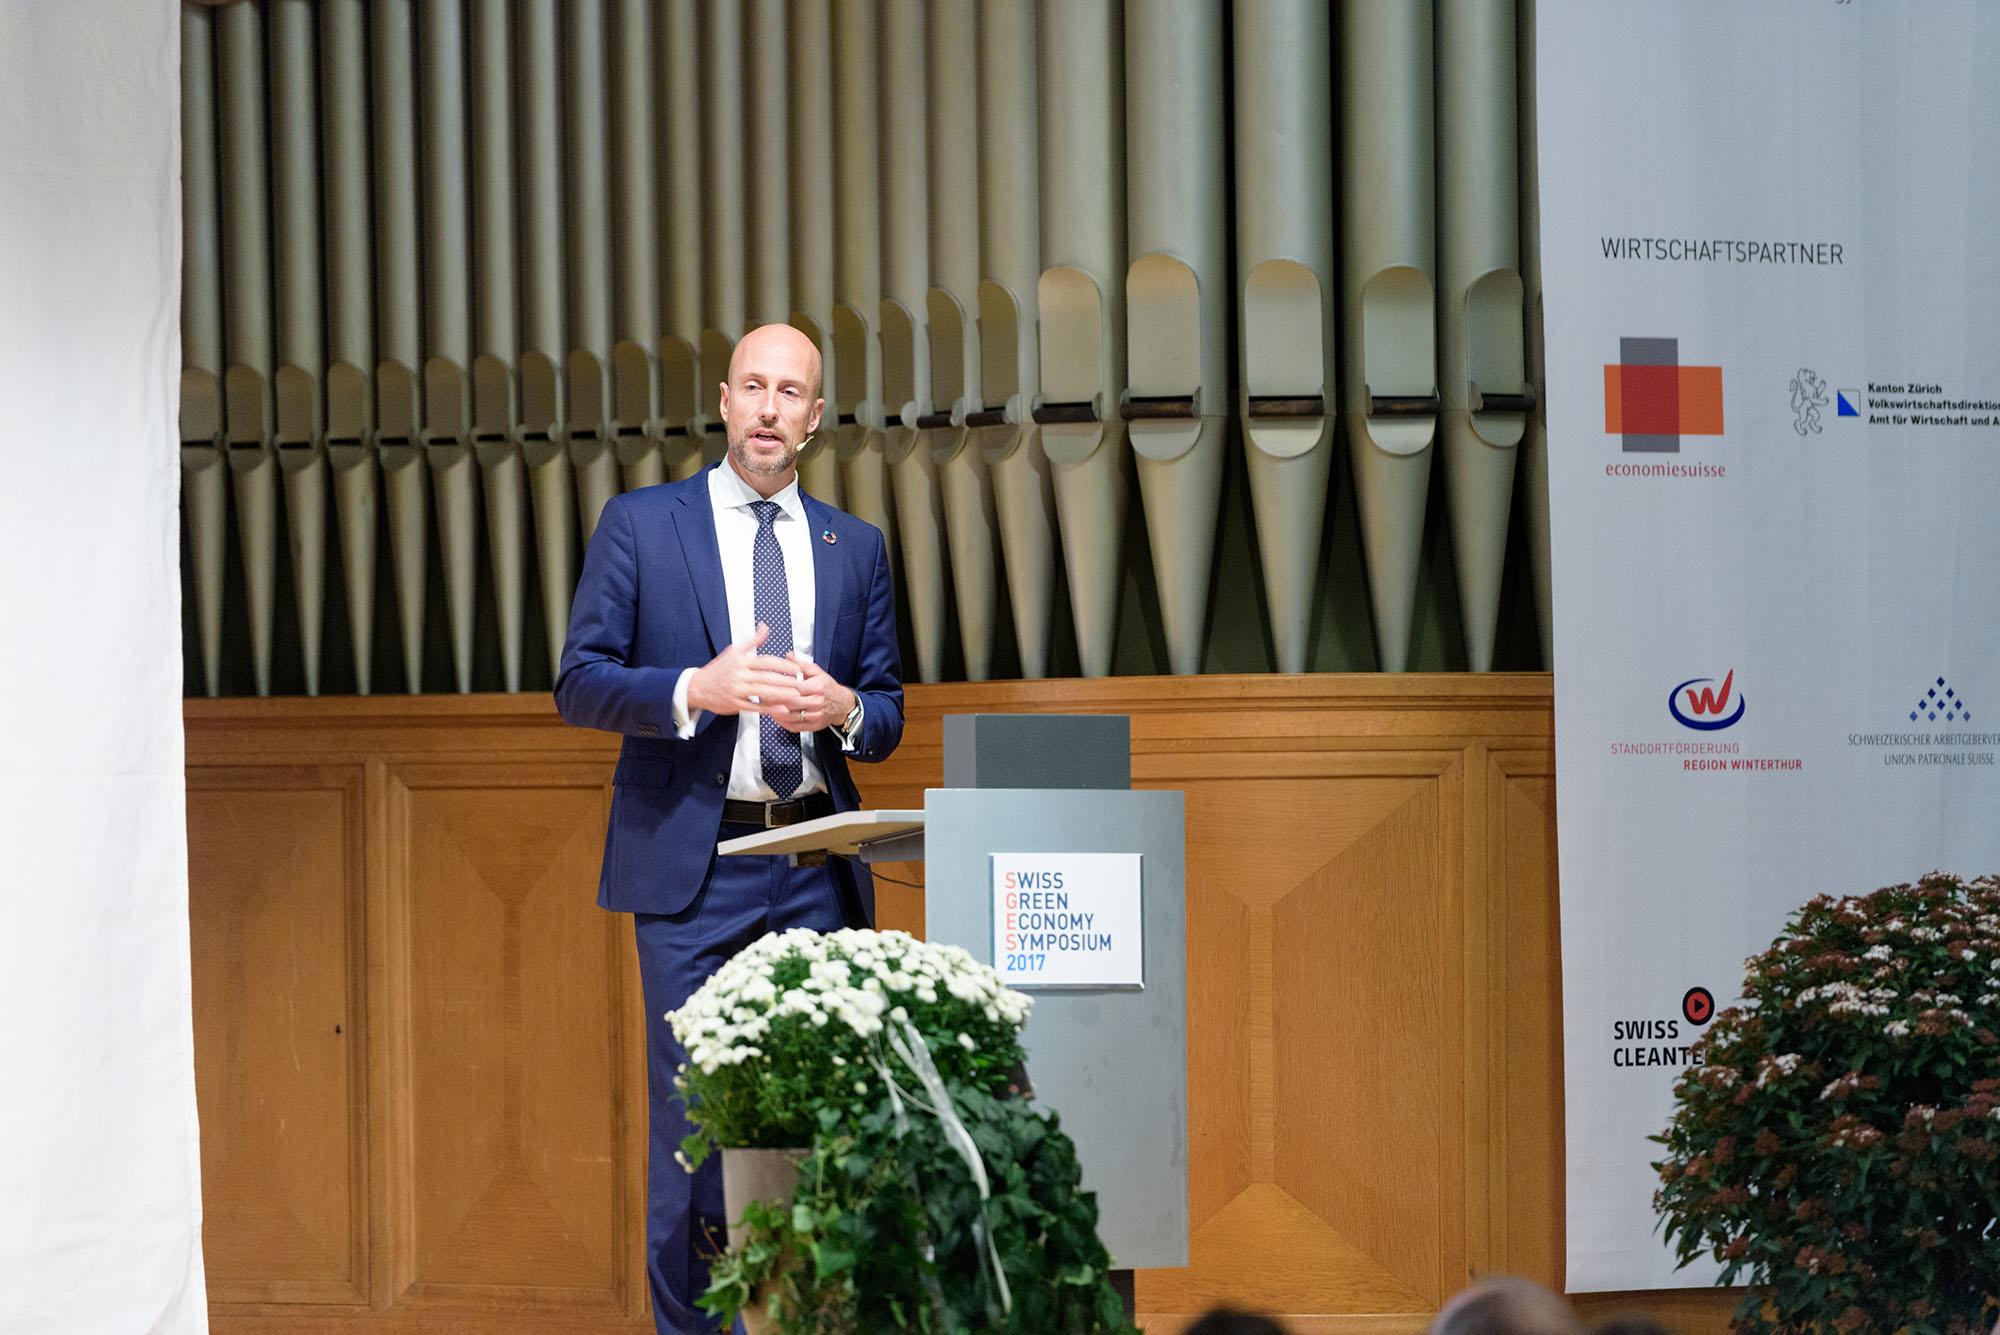 Botschafter Michael Gerber, Sonderbeauftragter des Bundesrats für globale nachhaltige Entwicklung